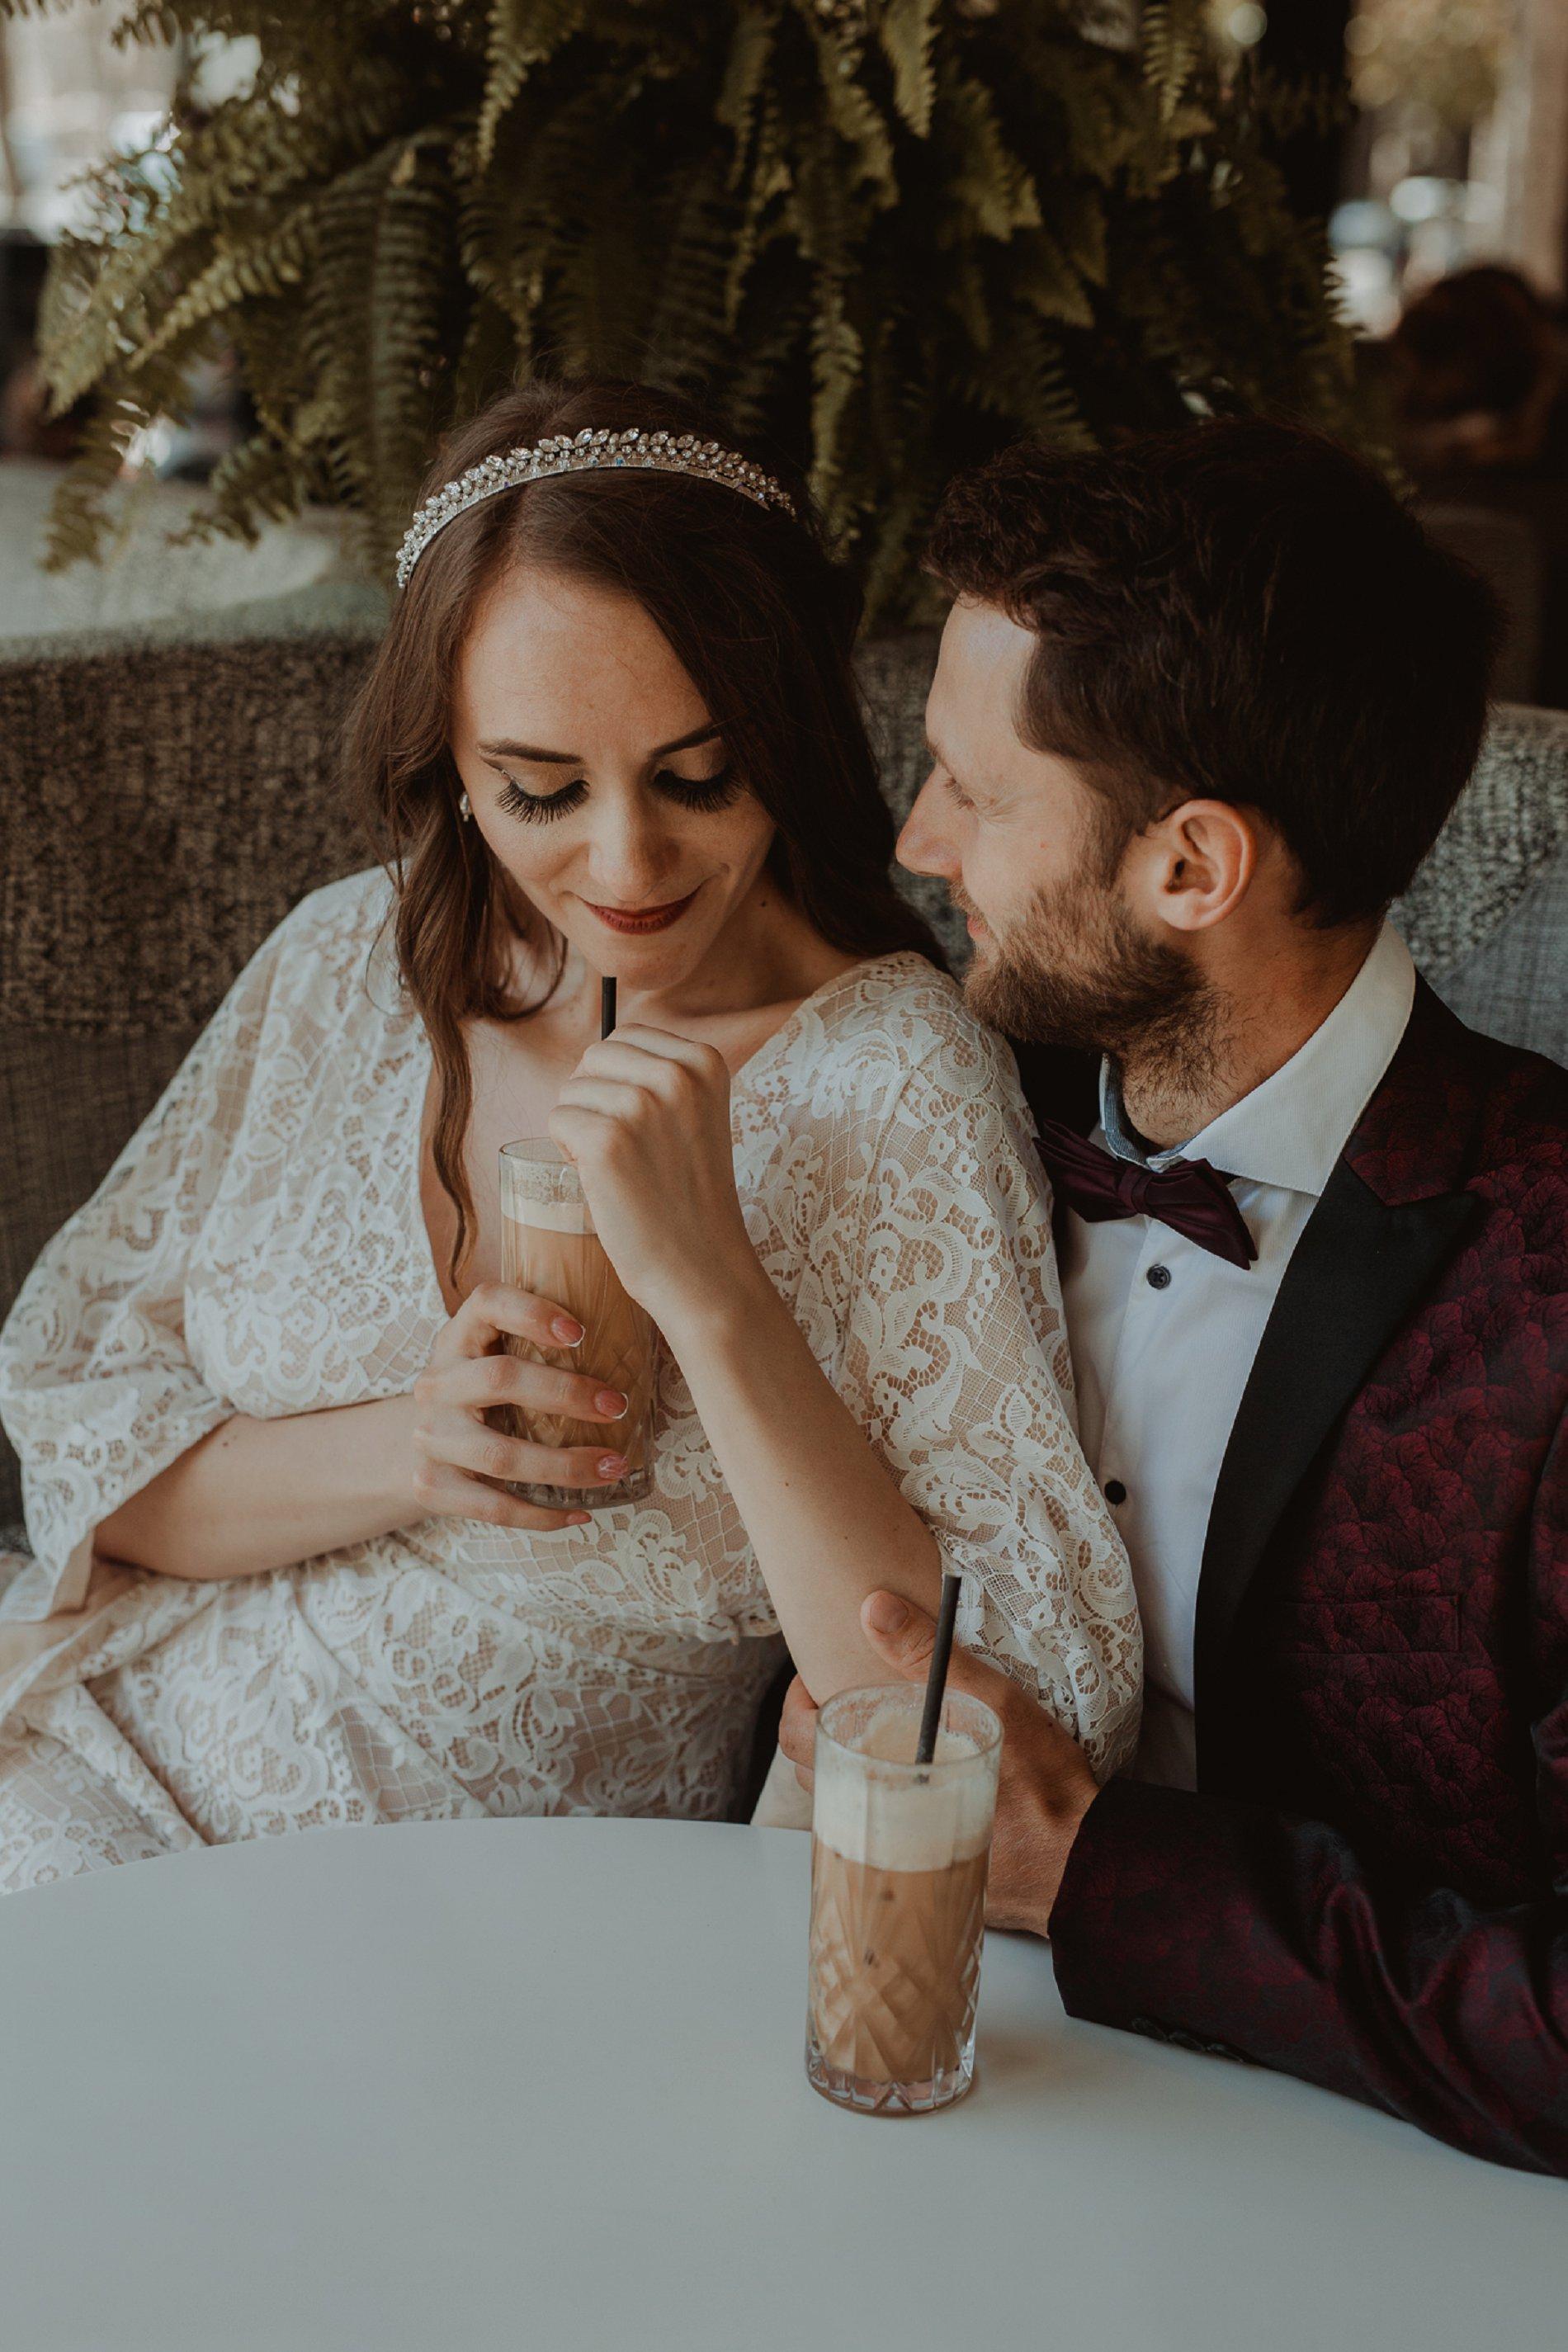 Miss He Bridal Romantic Paris Elopement (c) Xanthe Rowland Photography (13)